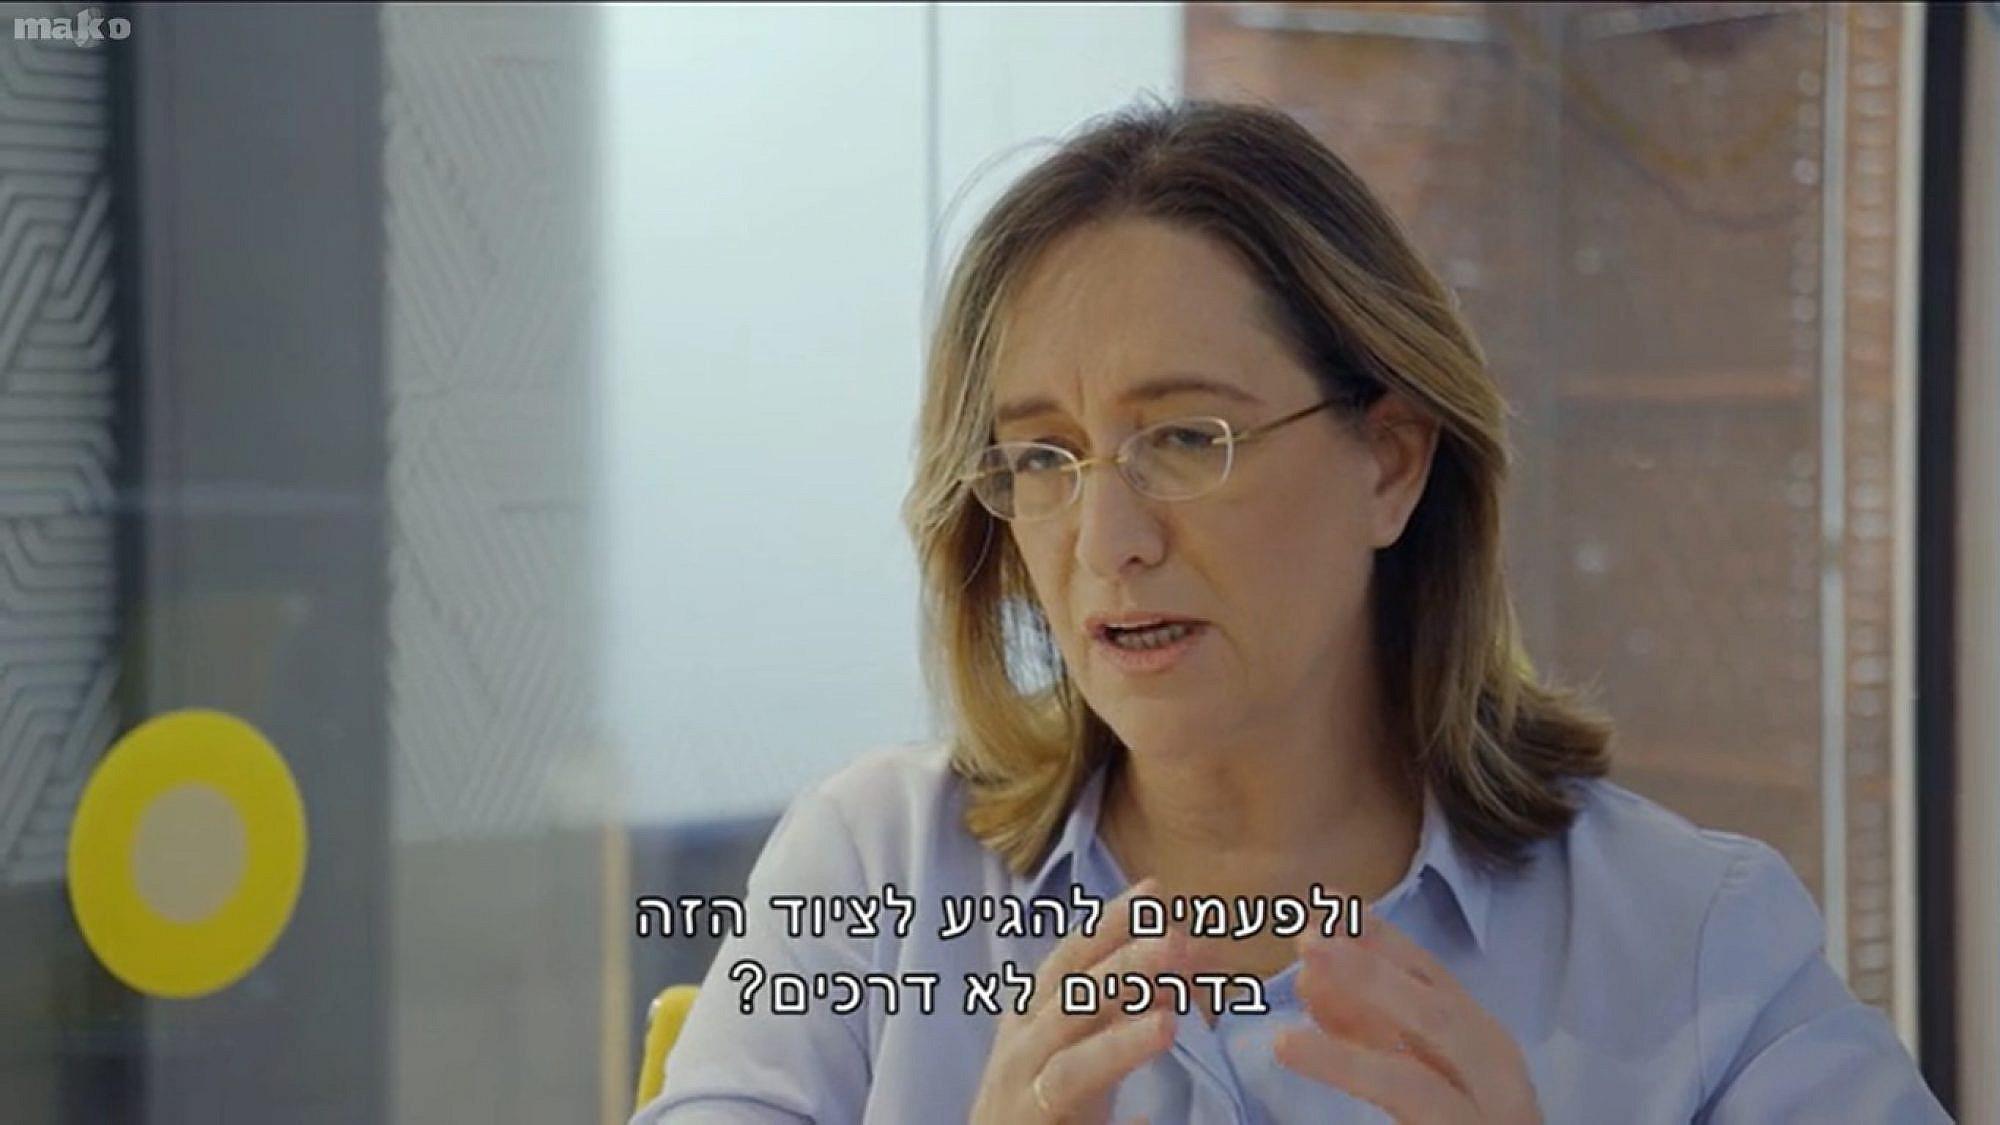 """ועדת החקירה של קשת 12 כבר הכריעה. אילנה דיין ב""""עובדה"""" (צילום מסך)"""